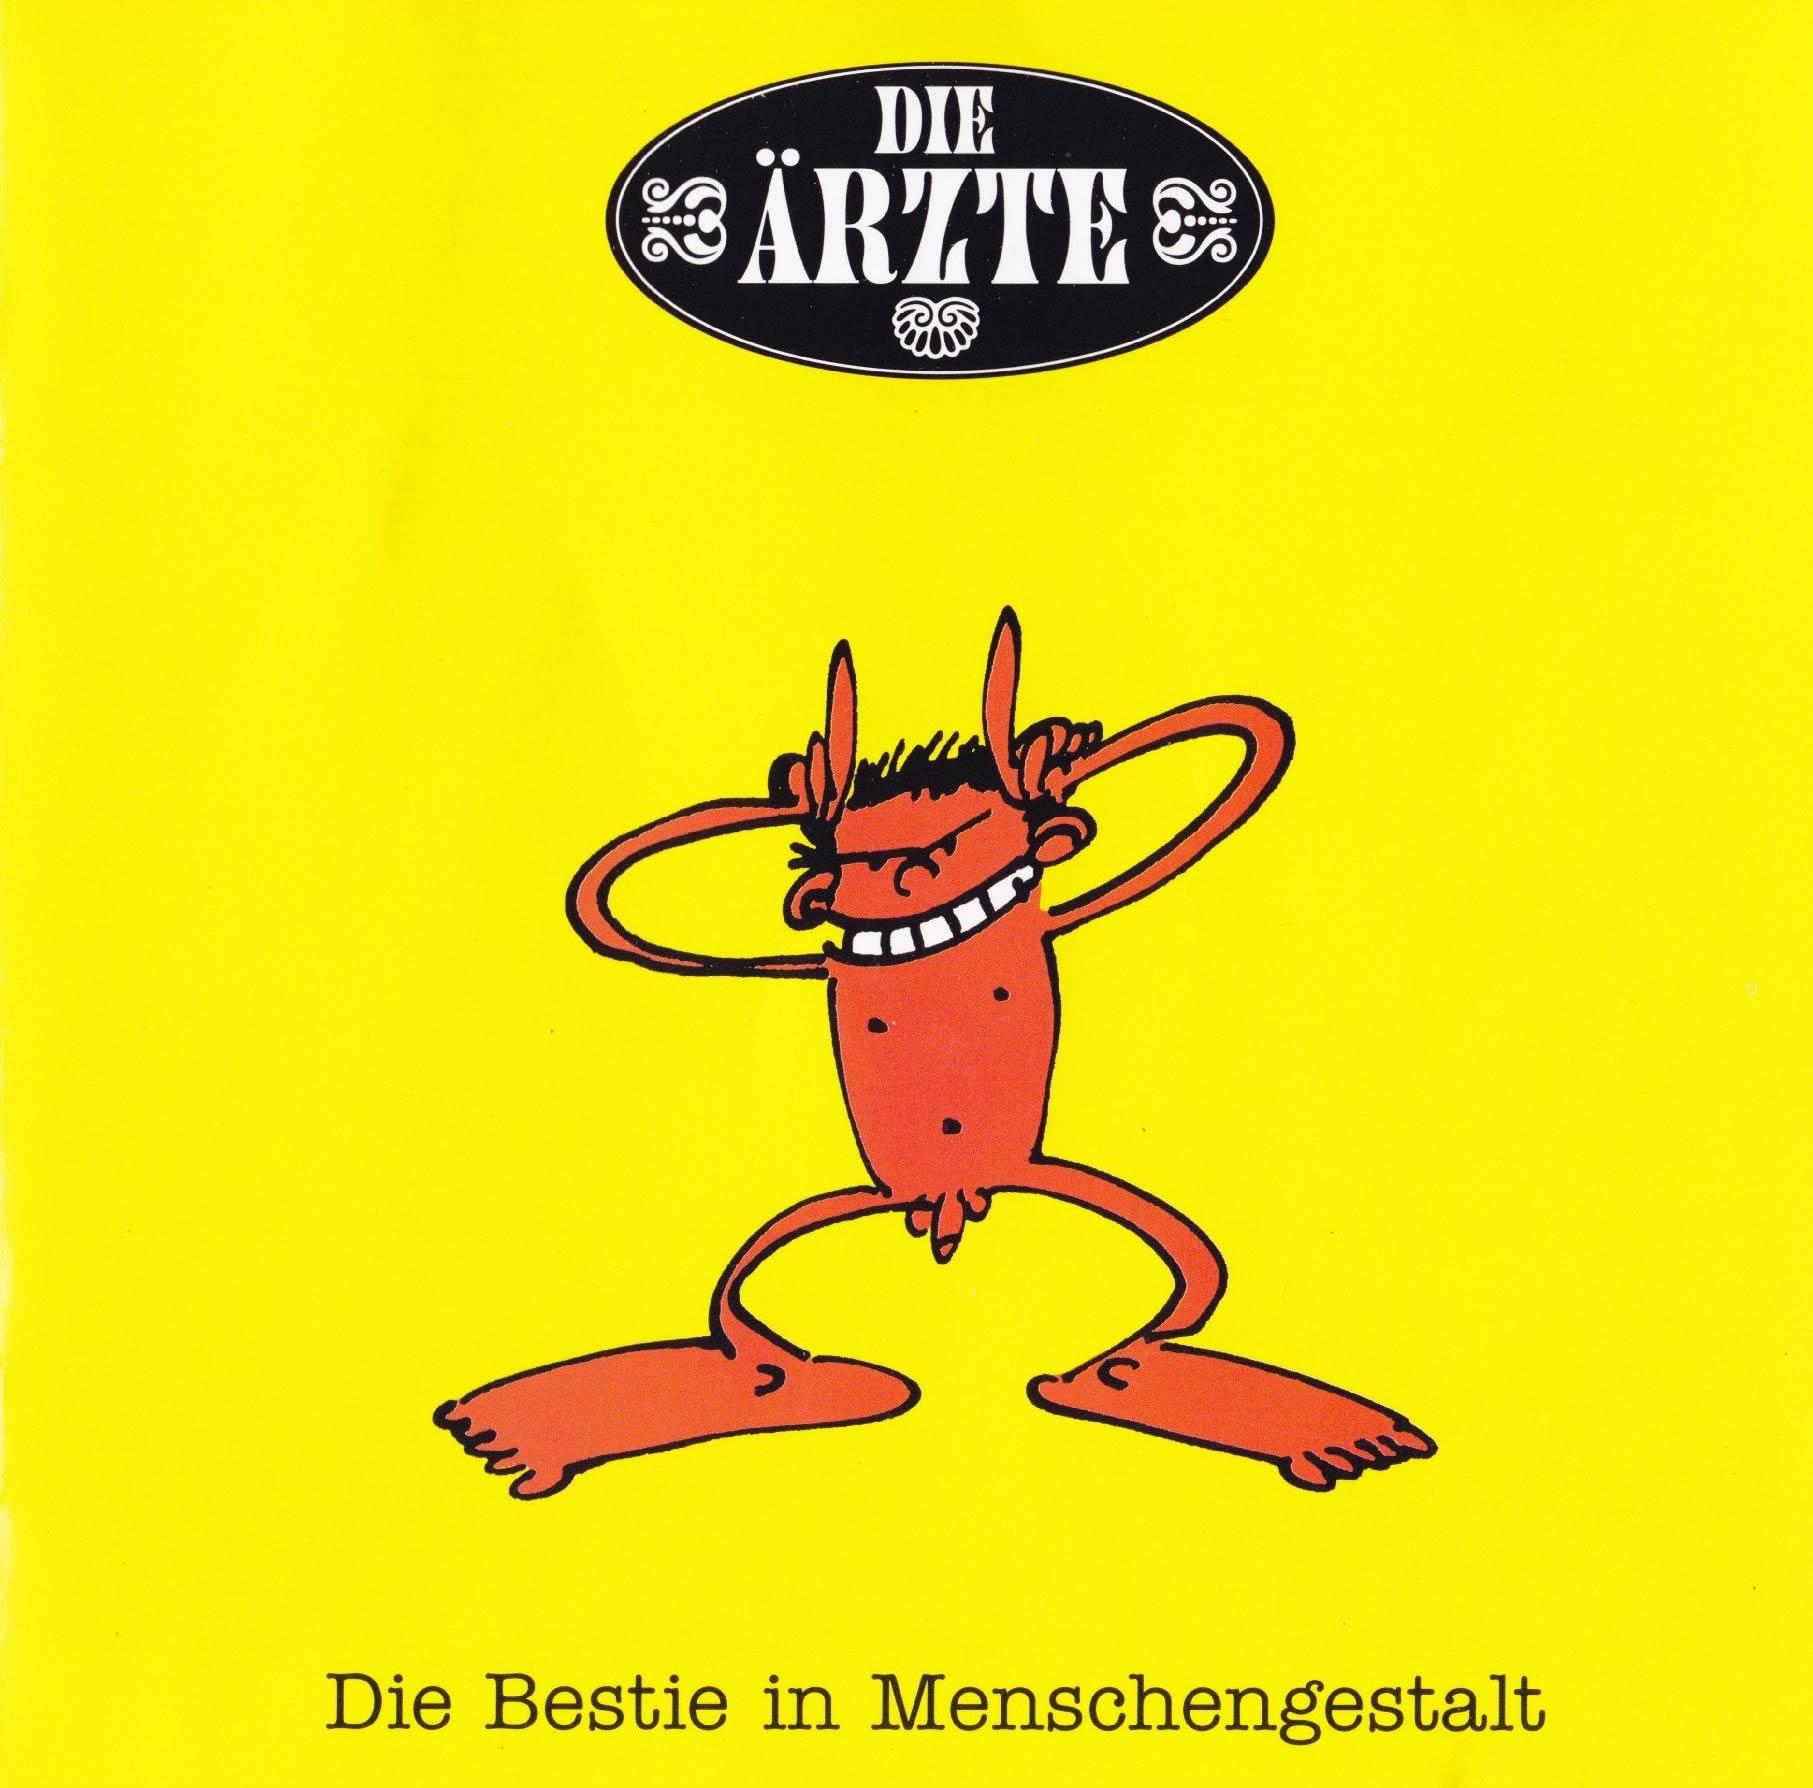 http://hitparade.ch/cdimages/die_aerzte-die_bestie_in_menschengestalt_a.jpg